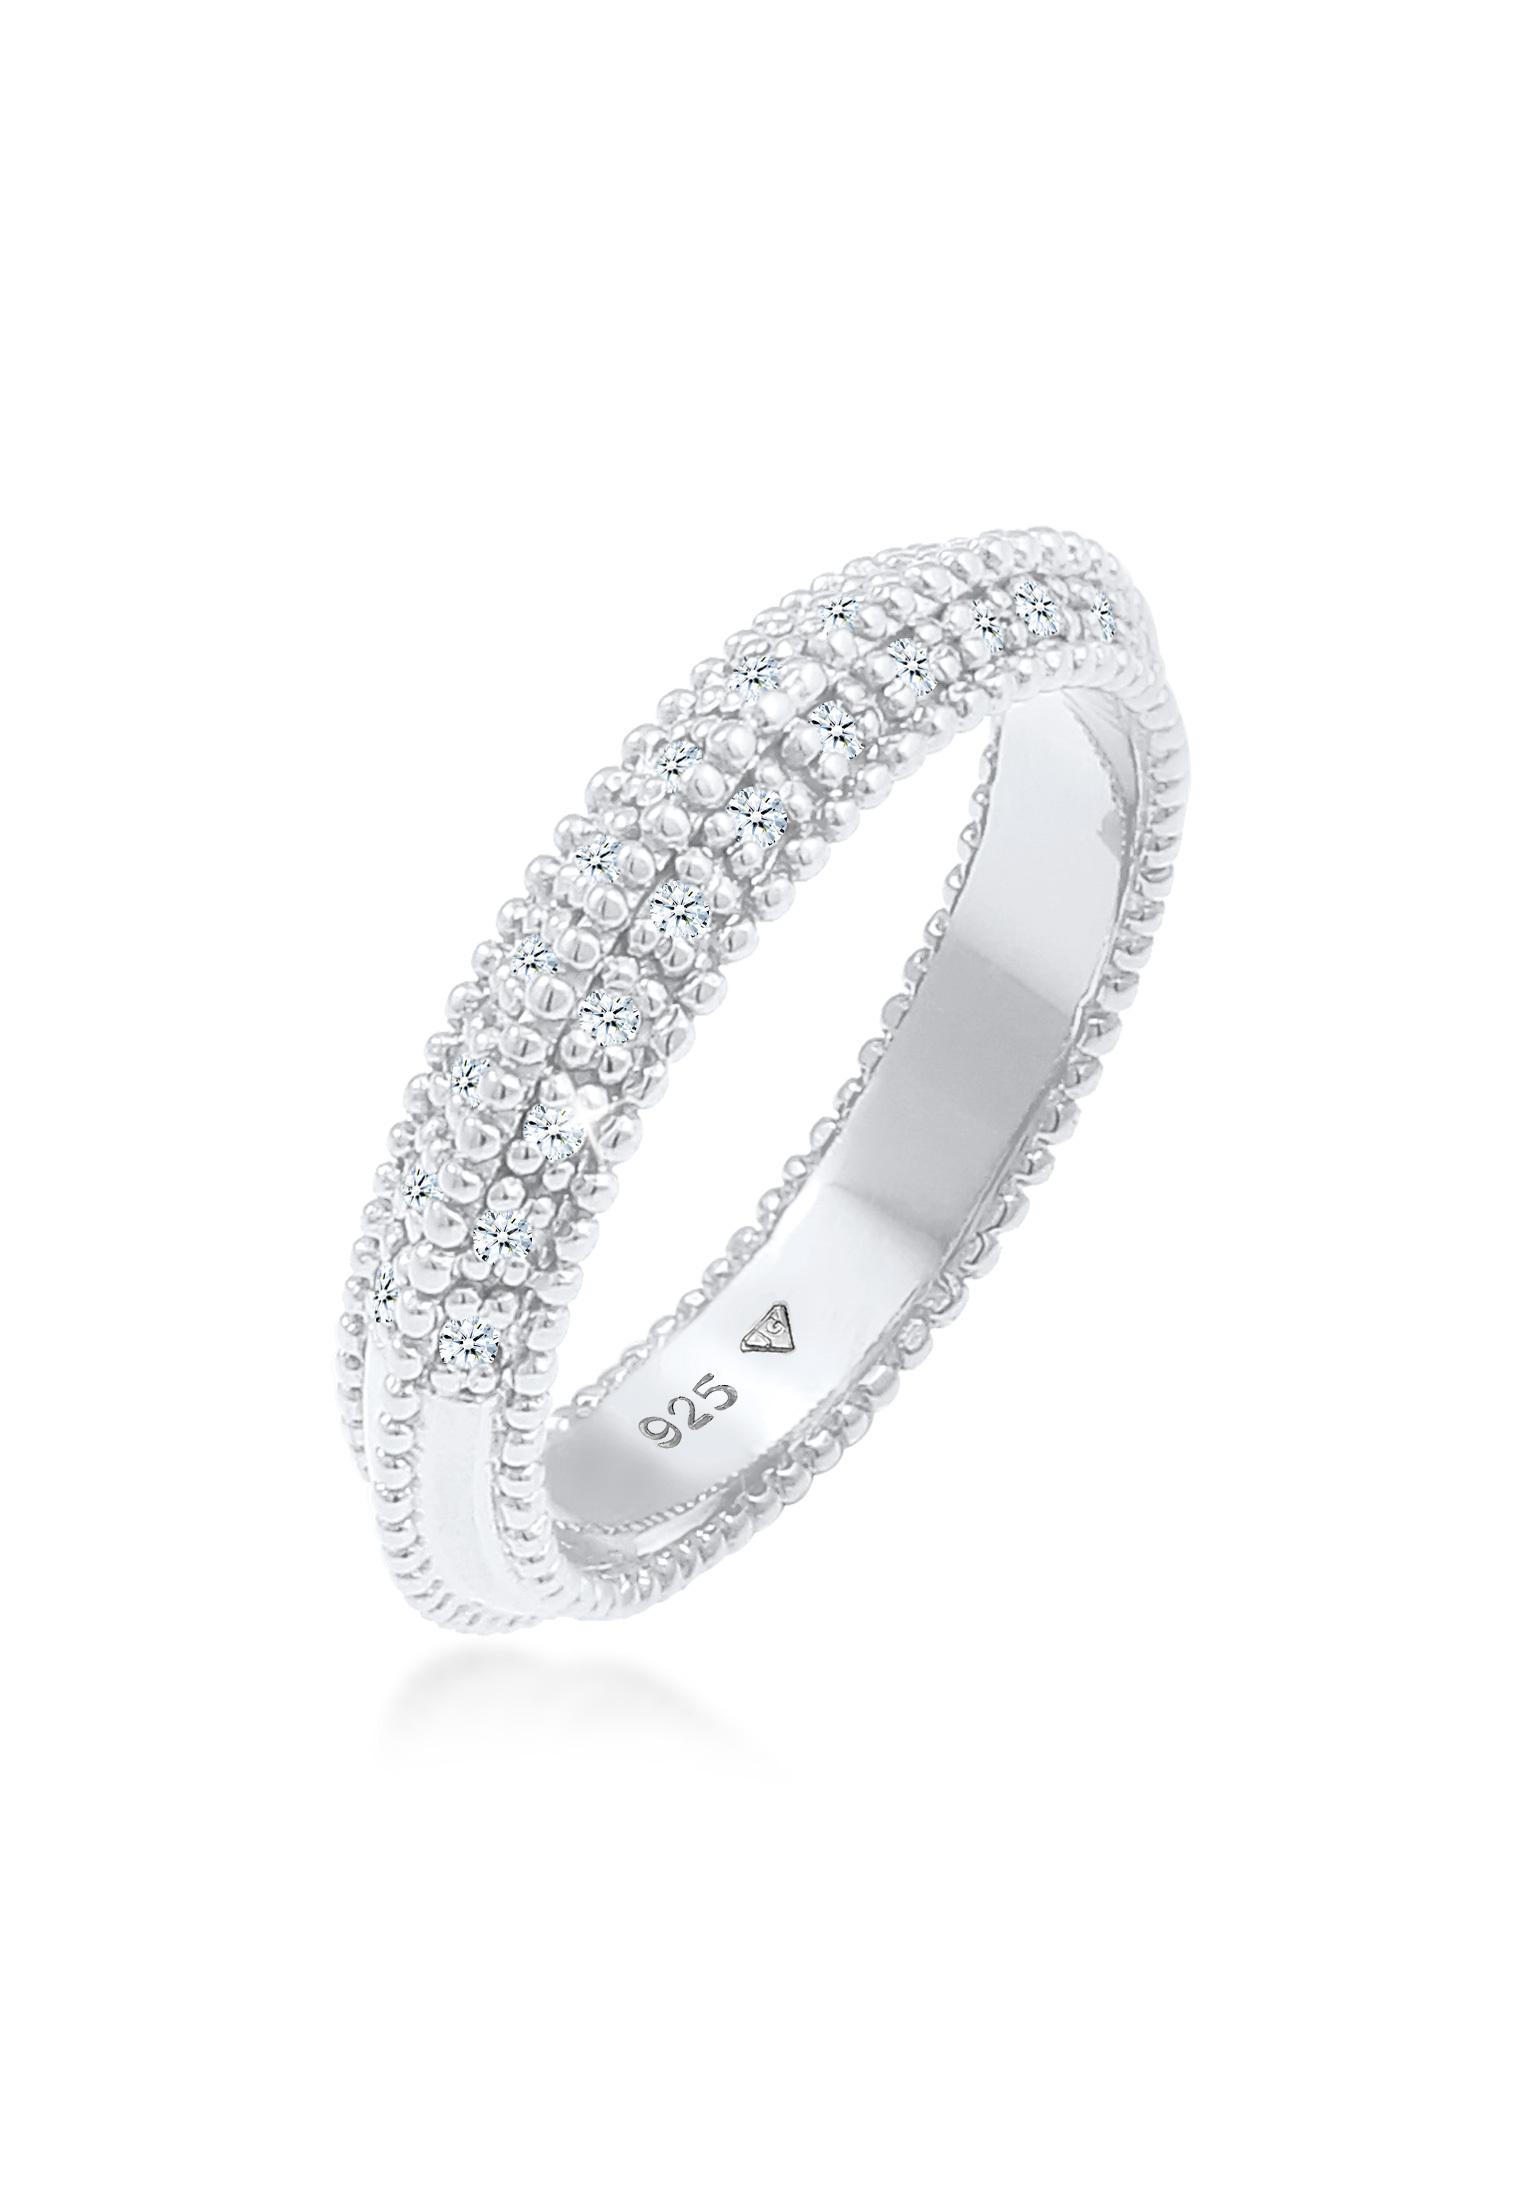 Verlobungsring | Diamant ( Weiß, 0,12 ct ) | 925er Sterling Silber